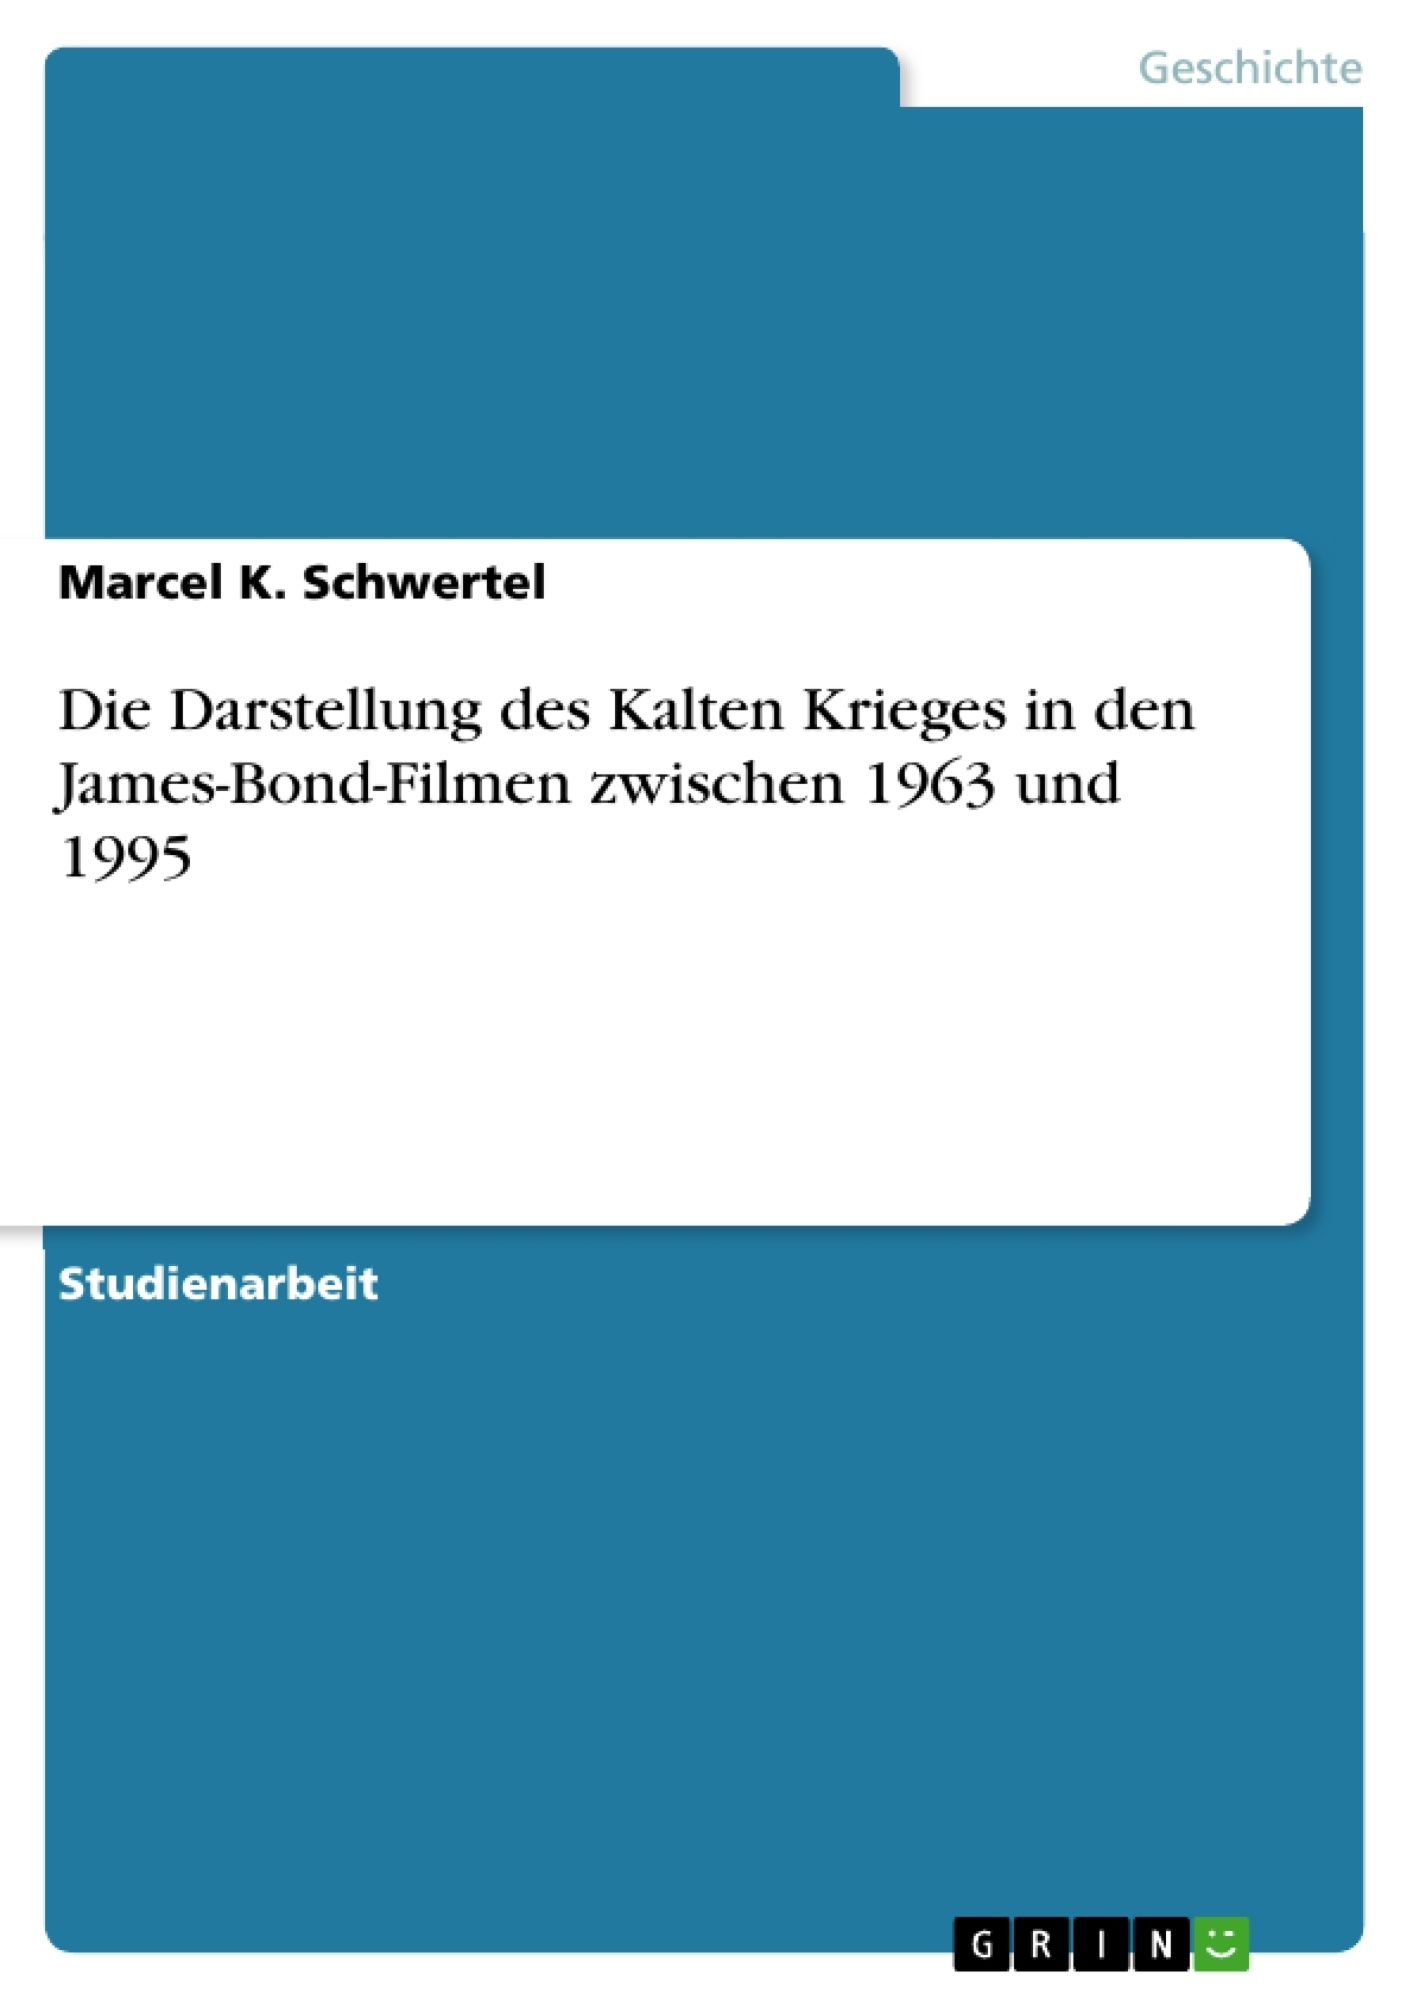 Titel: Die Darstellung des Kalten Krieges in den James-Bond-Filmen zwischen 1963 und 1995